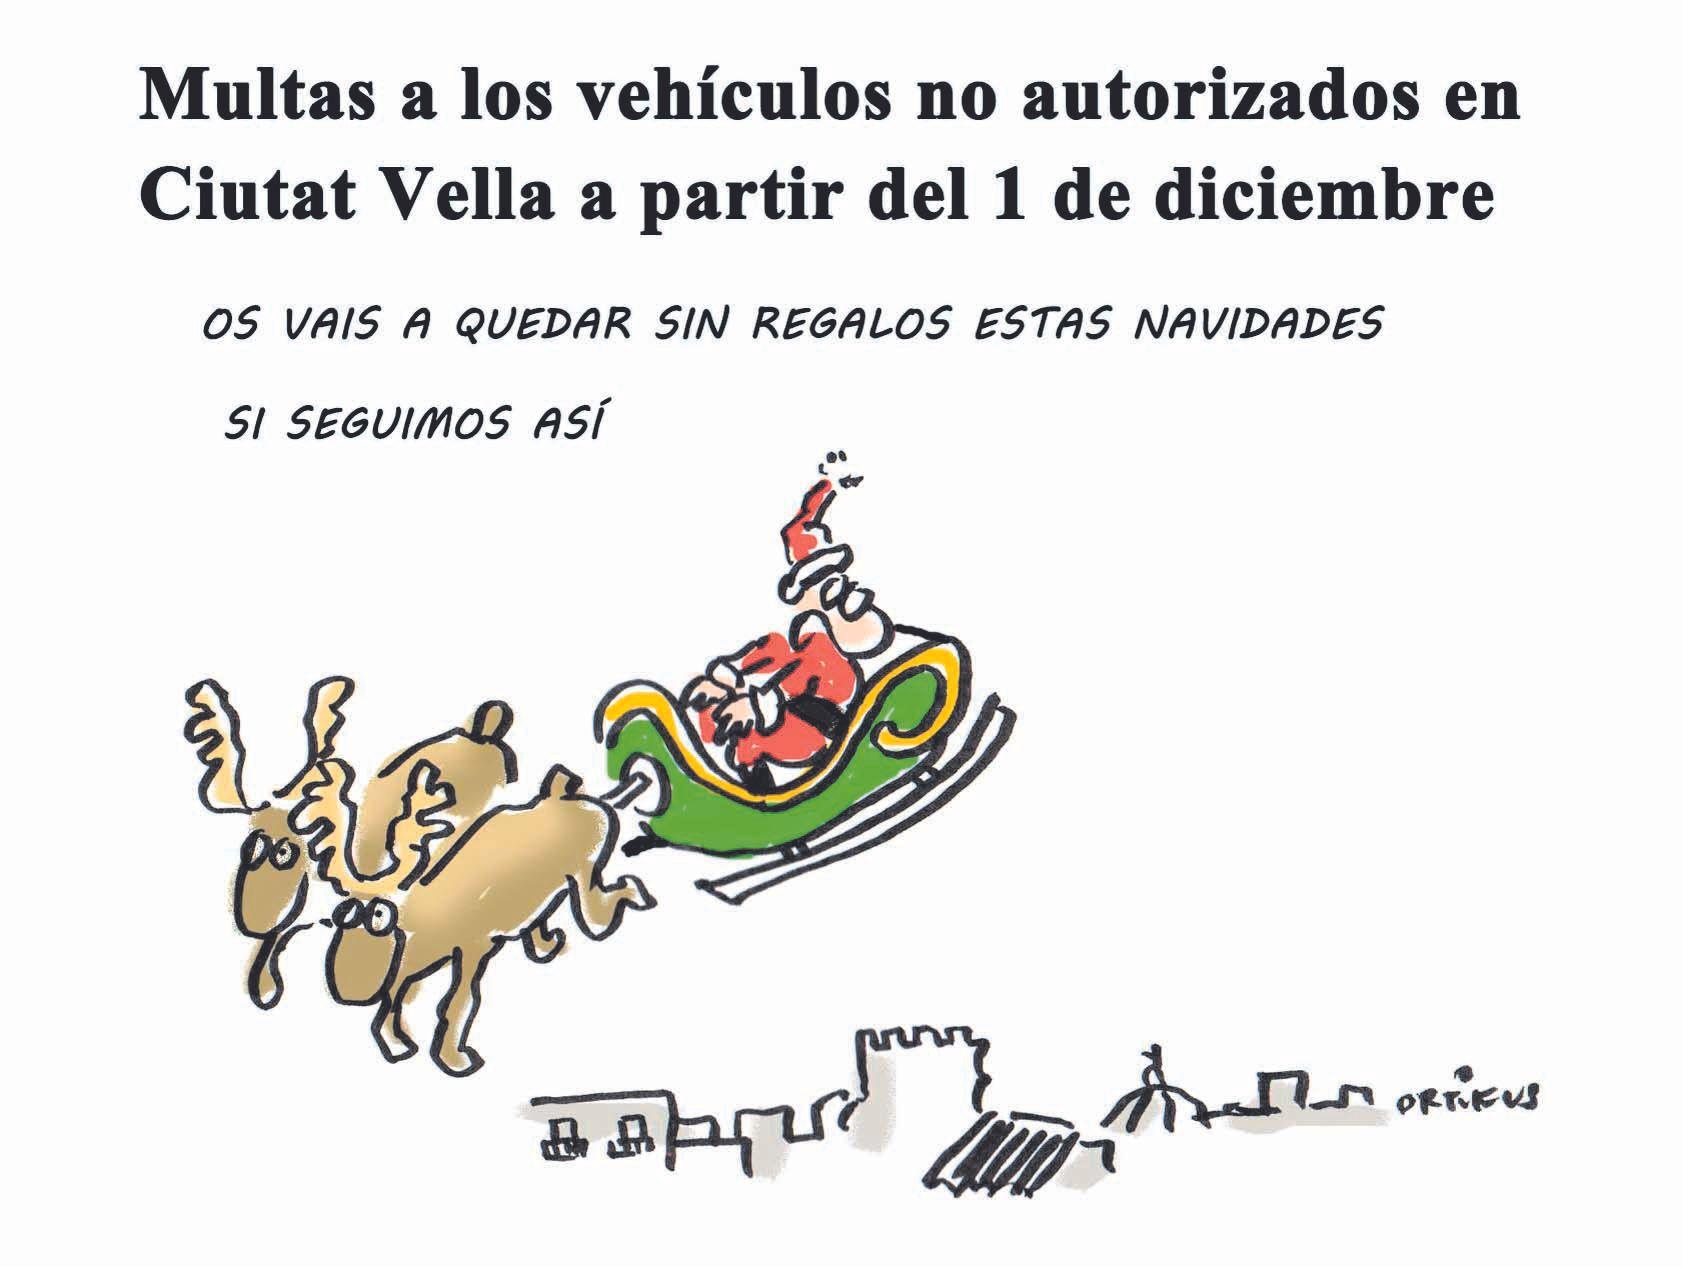 Multas a vehículos no autorizados en Ciutat Vella a partir del 1 de diciembre